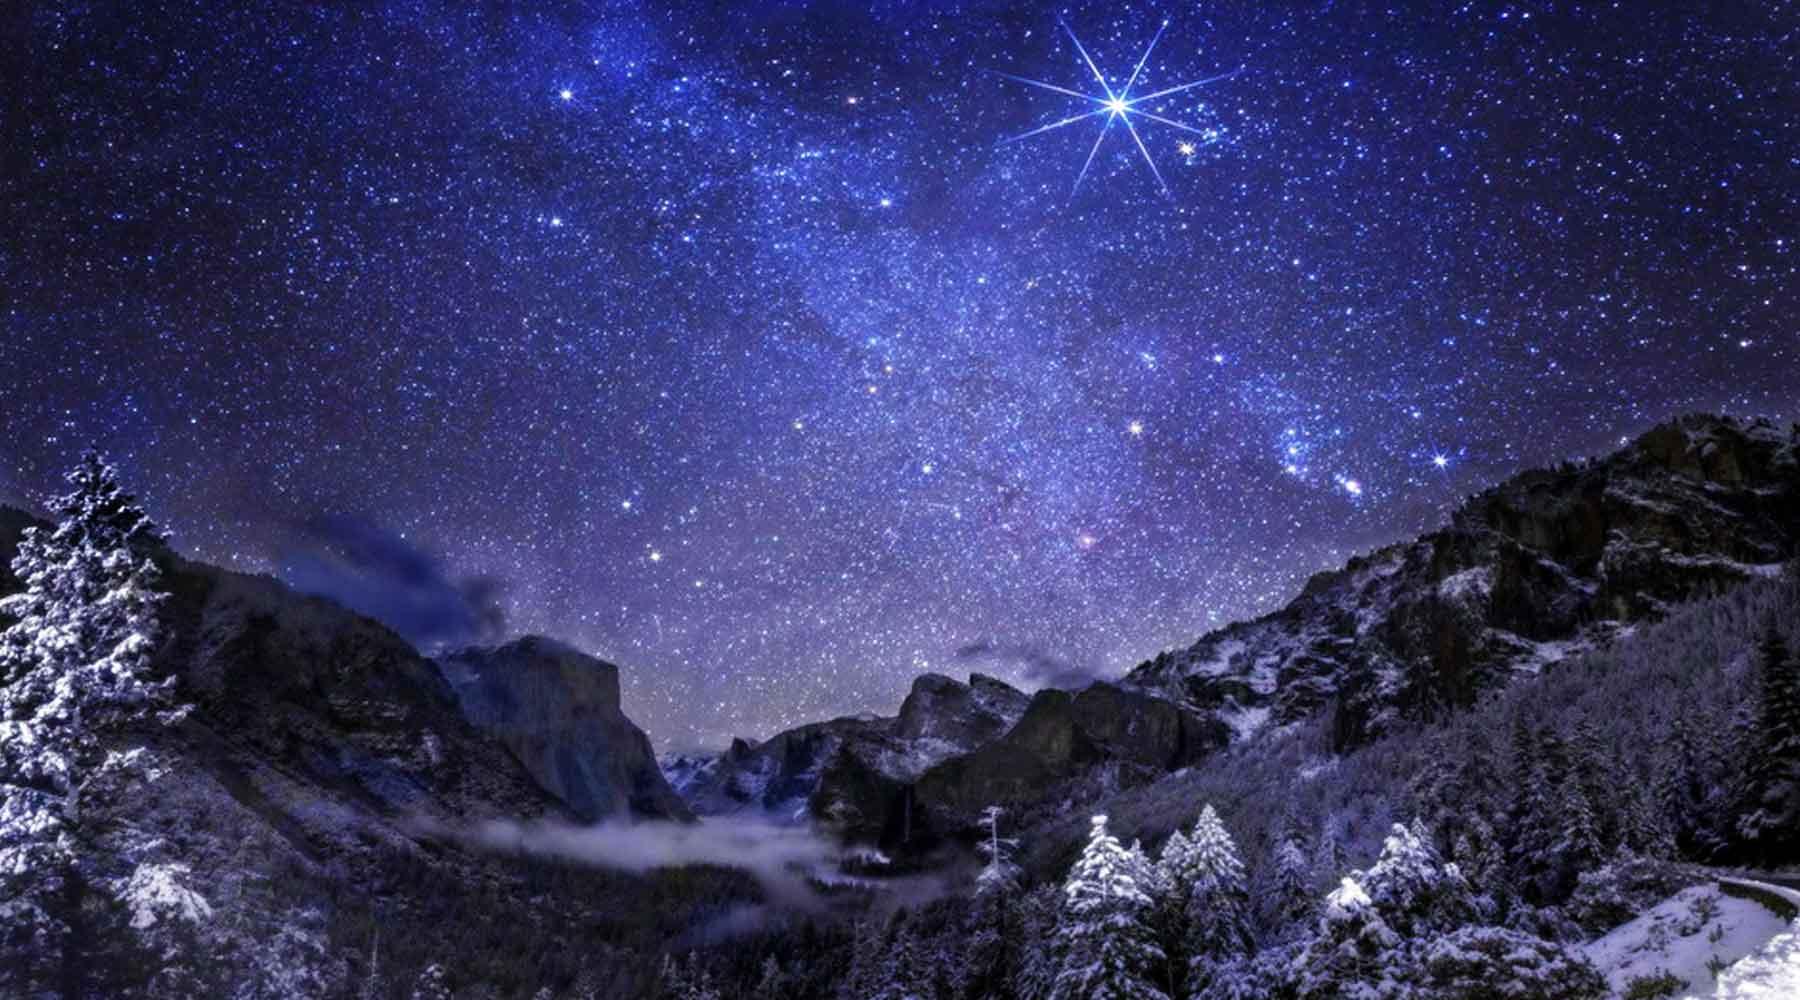 Aspettando Natale la notte in cui nascono gli dei meno forse Ges  Siena News